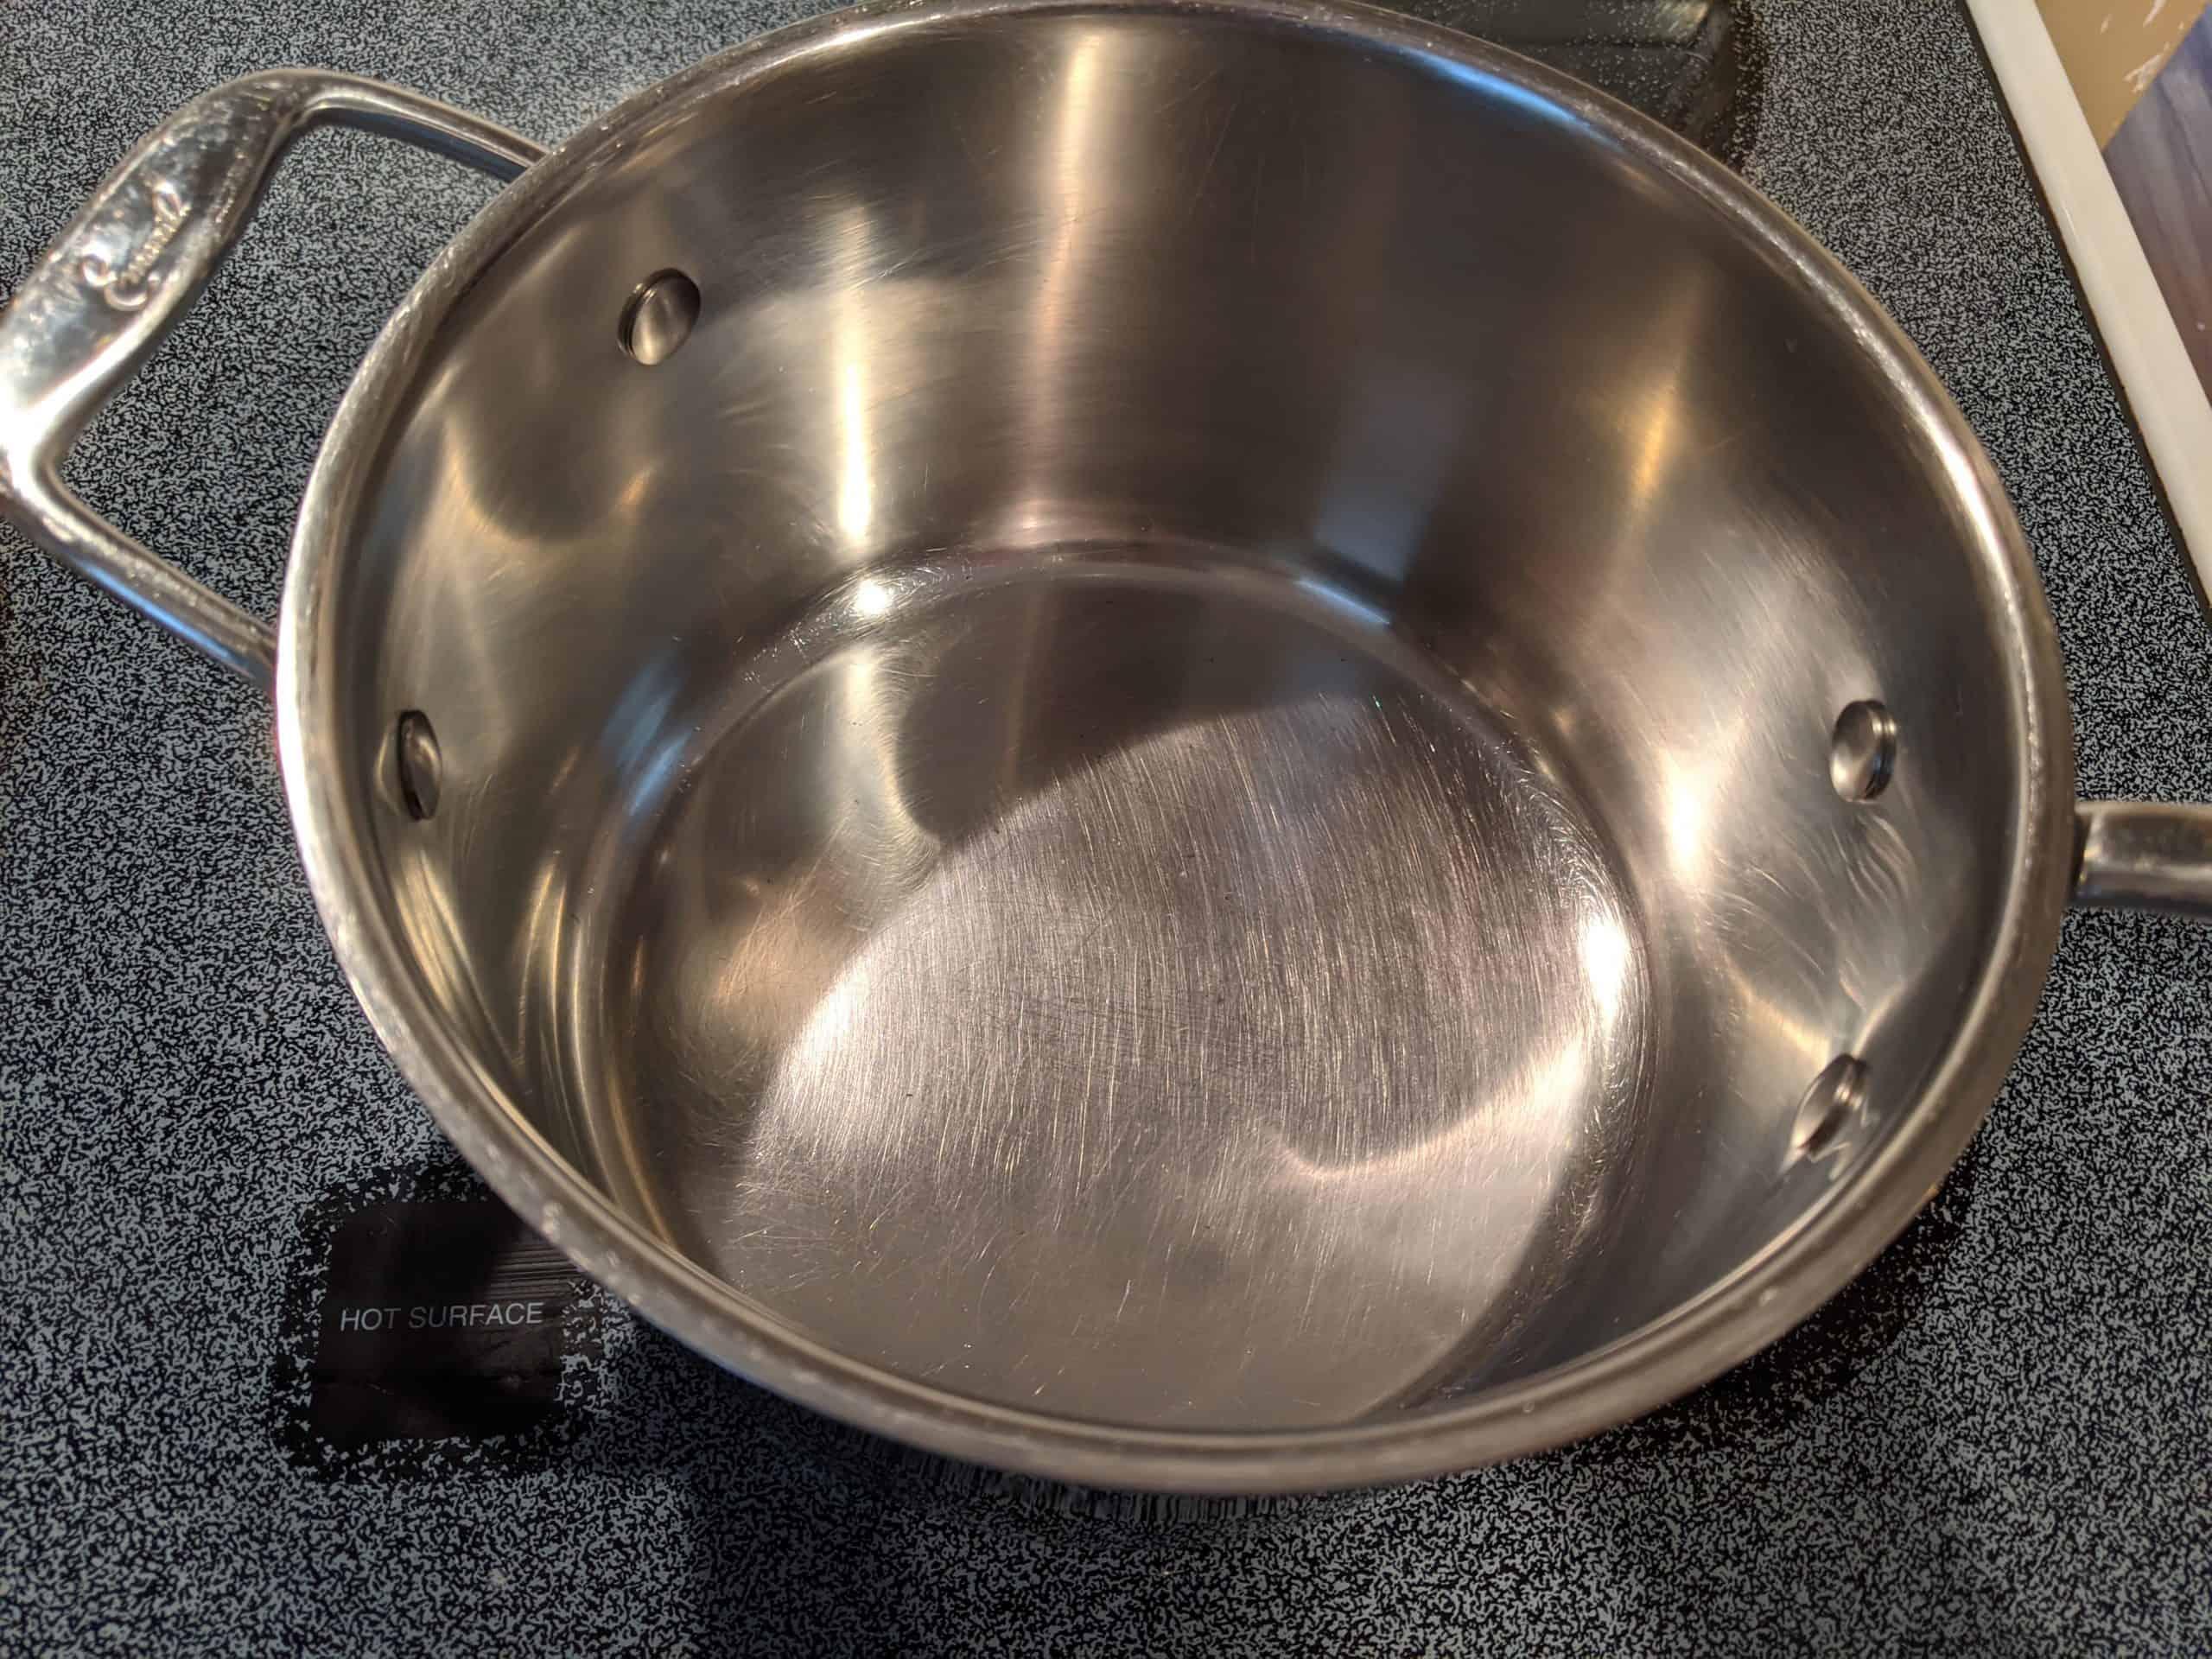 burnt pot now clean